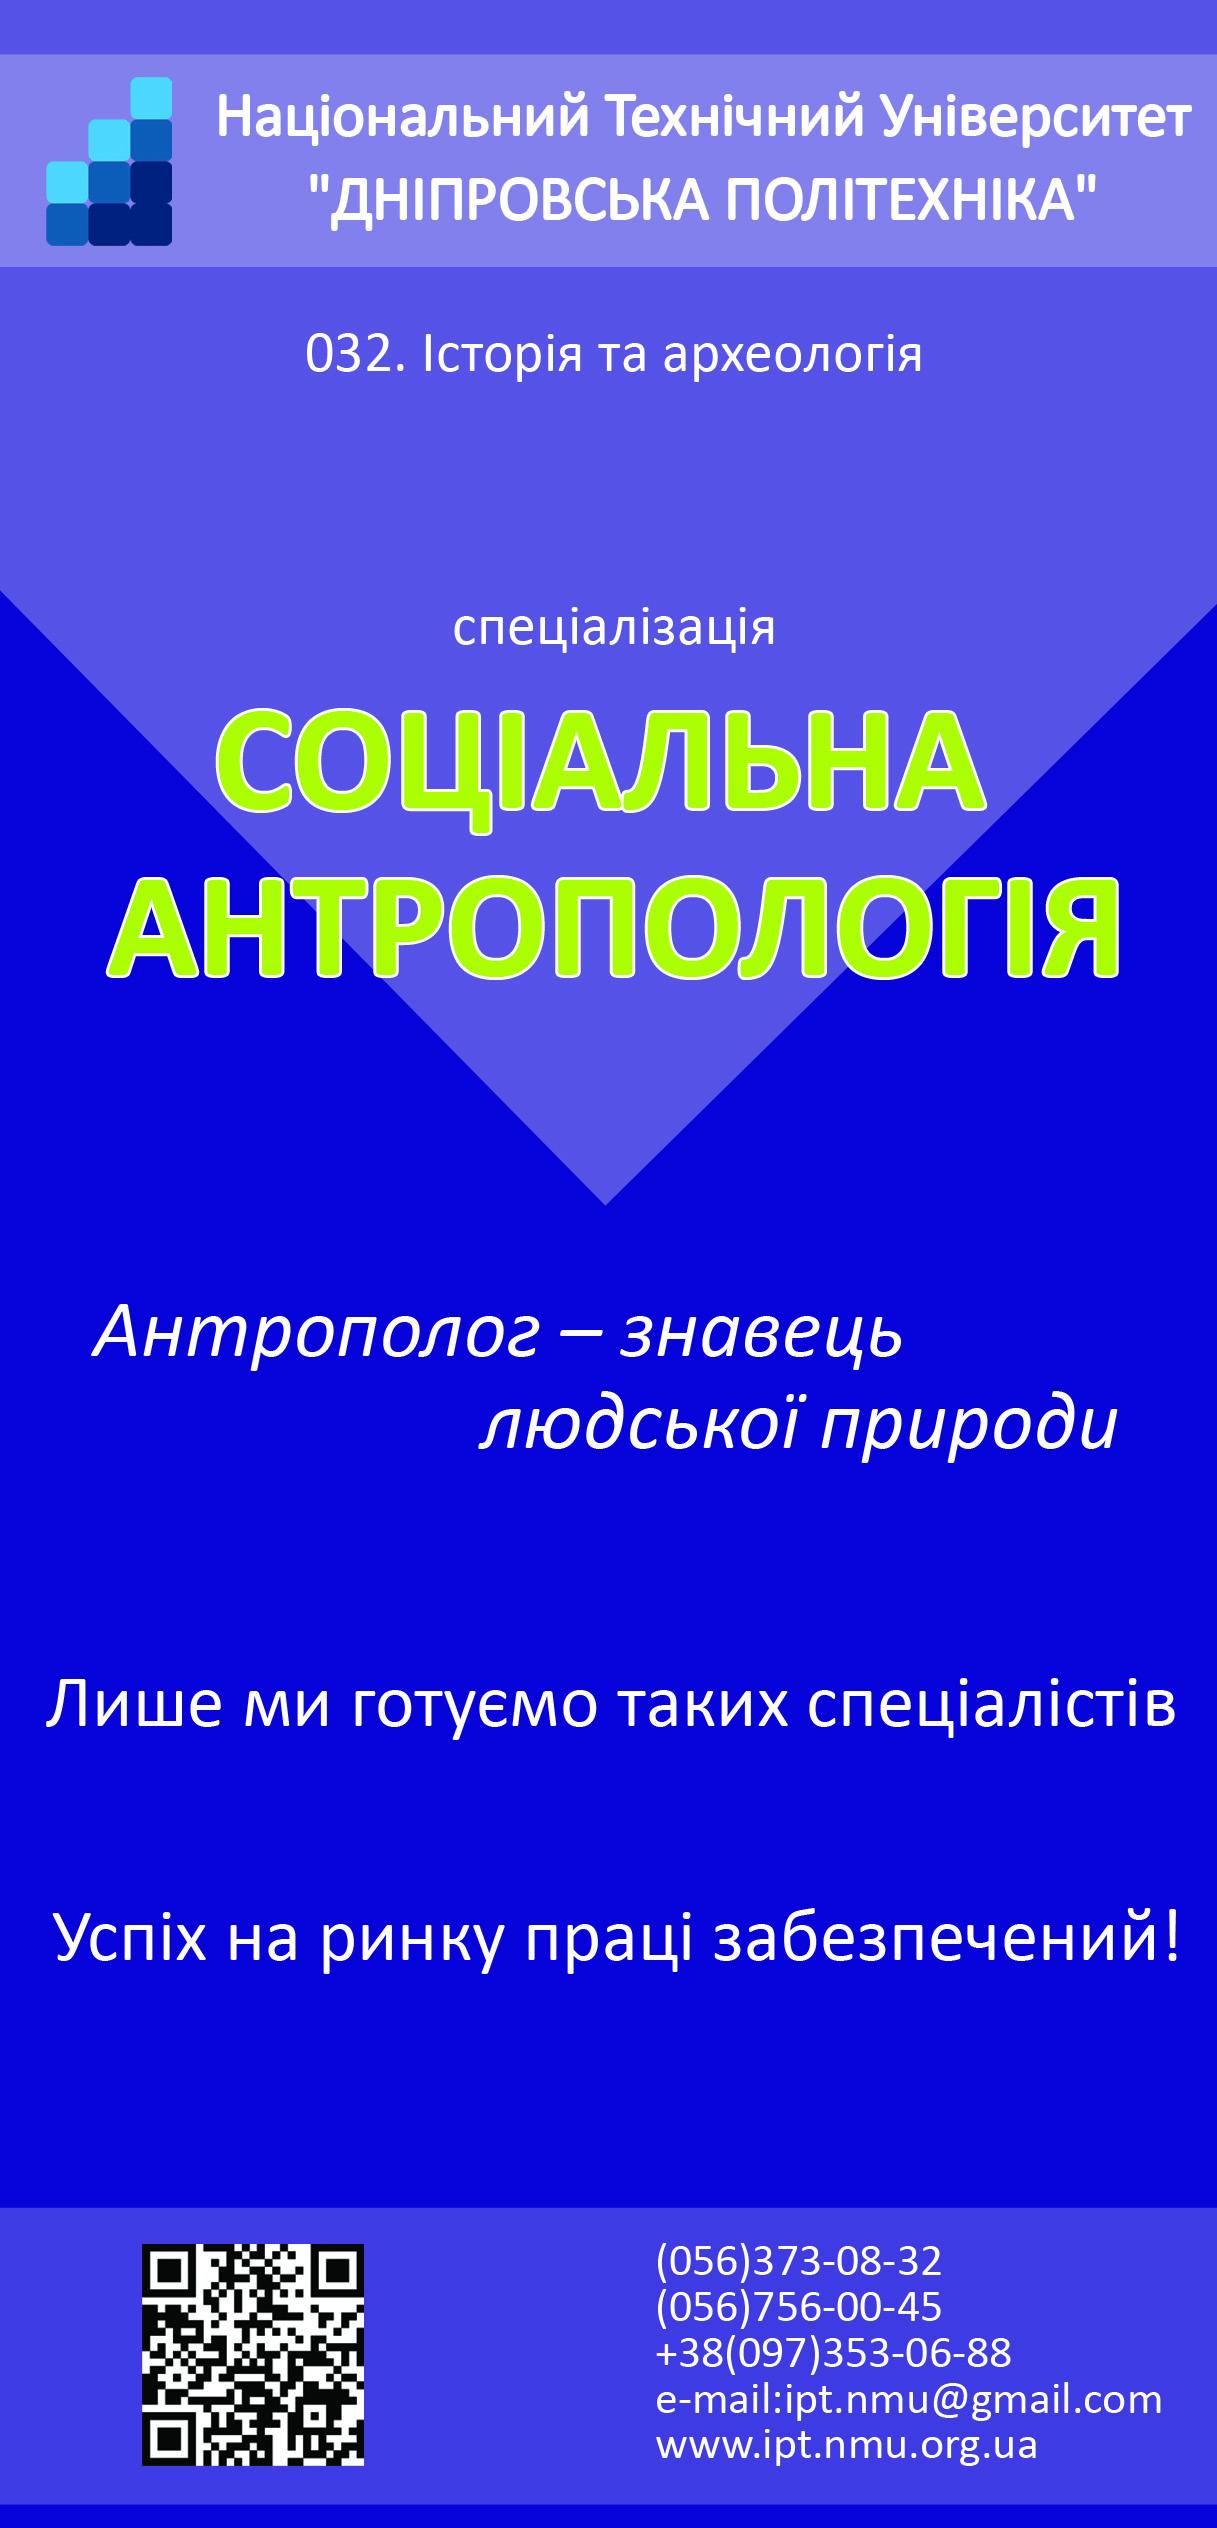 Соціальна антропологія